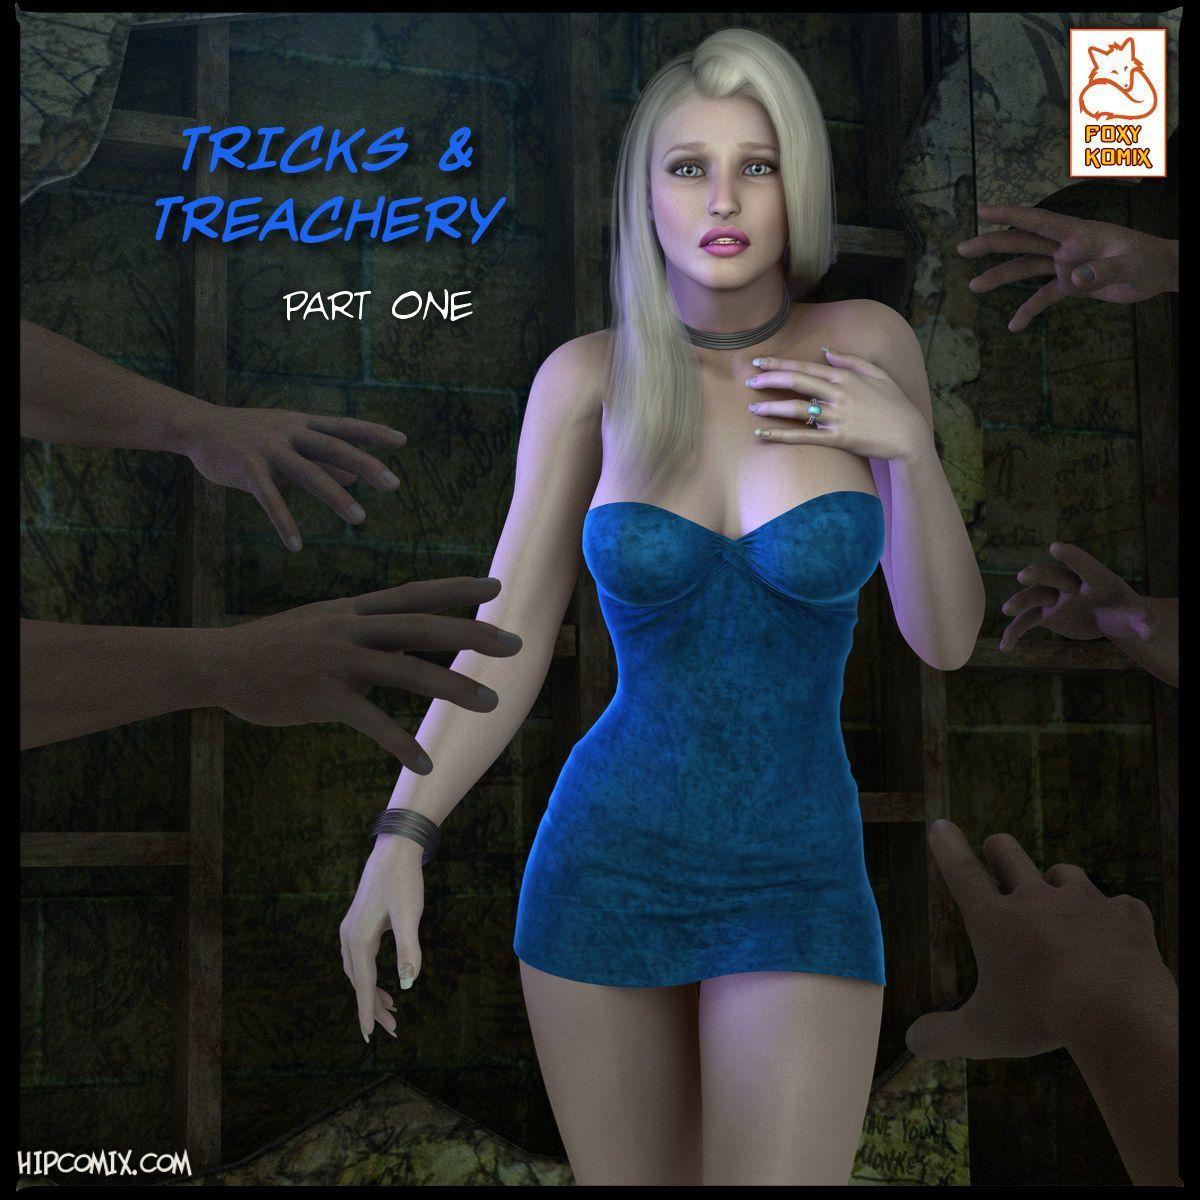 [Foxy Komix] Tricks & Treachery 1-2